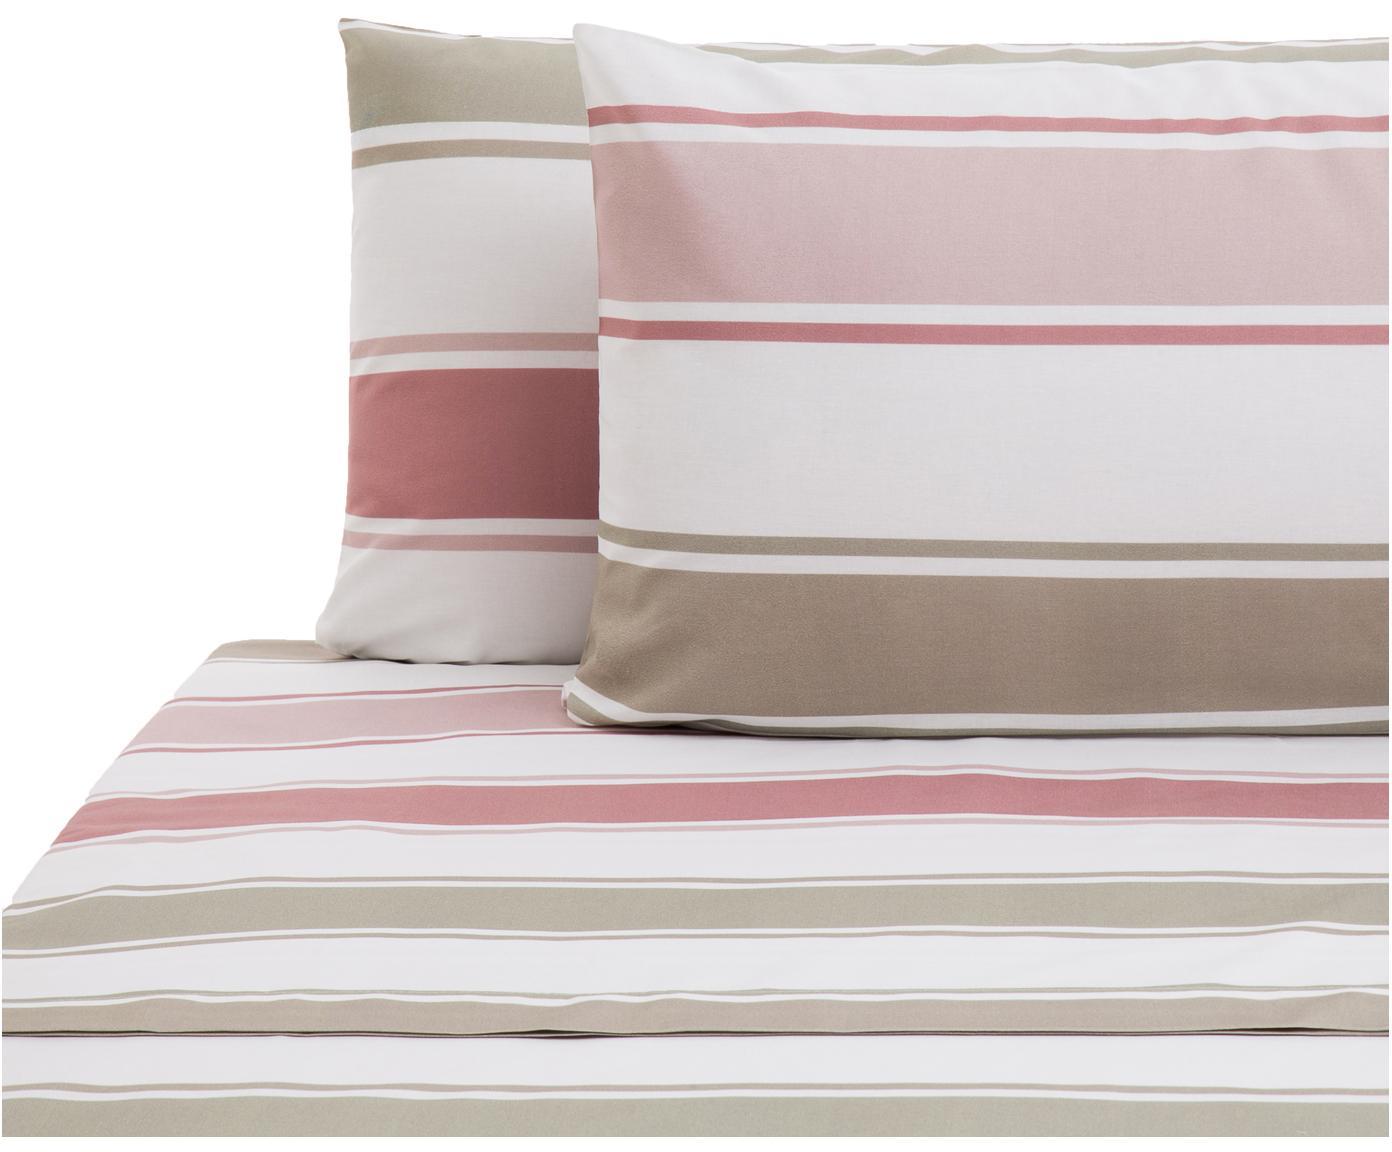 Set lenzuola in cotone Cappo 2 pz, Cotone, Rosso, rosa, verde oliva, marrone chiaro, bianco, 240 x 270 cm